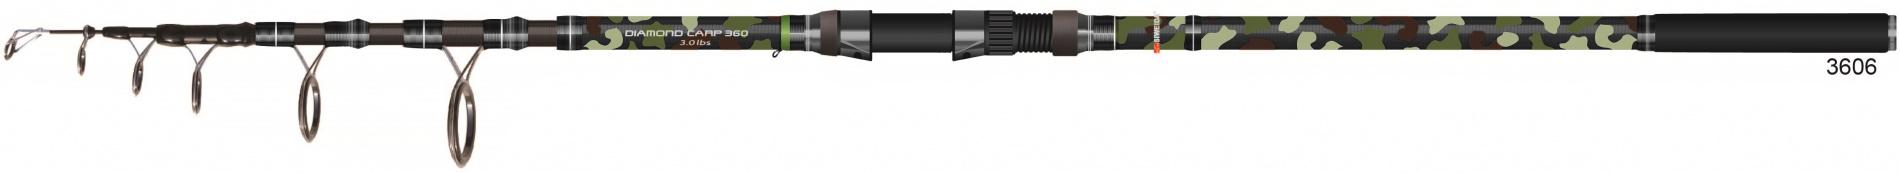 Удилище карповое тел. SWD Diamond Carp 3,6м 3,5 lbs Удилища карповые<br>Мощное карповое телескопическое удилище. <br>Длина 3,6м. Материал изготовления бланка <br>удилища – карбон IM7. Комплектуется мощними <br>кольцами SIC и разнесенной рукоятью из EVA. <br>Обладает классическим параболическим строем, <br>позволяющим делать дальние забросы тяжелых <br>оснасток. Предназначено для ловли карпа <br>и другой крупной рыбы с использованием <br>тяжелых оснасток.<br>